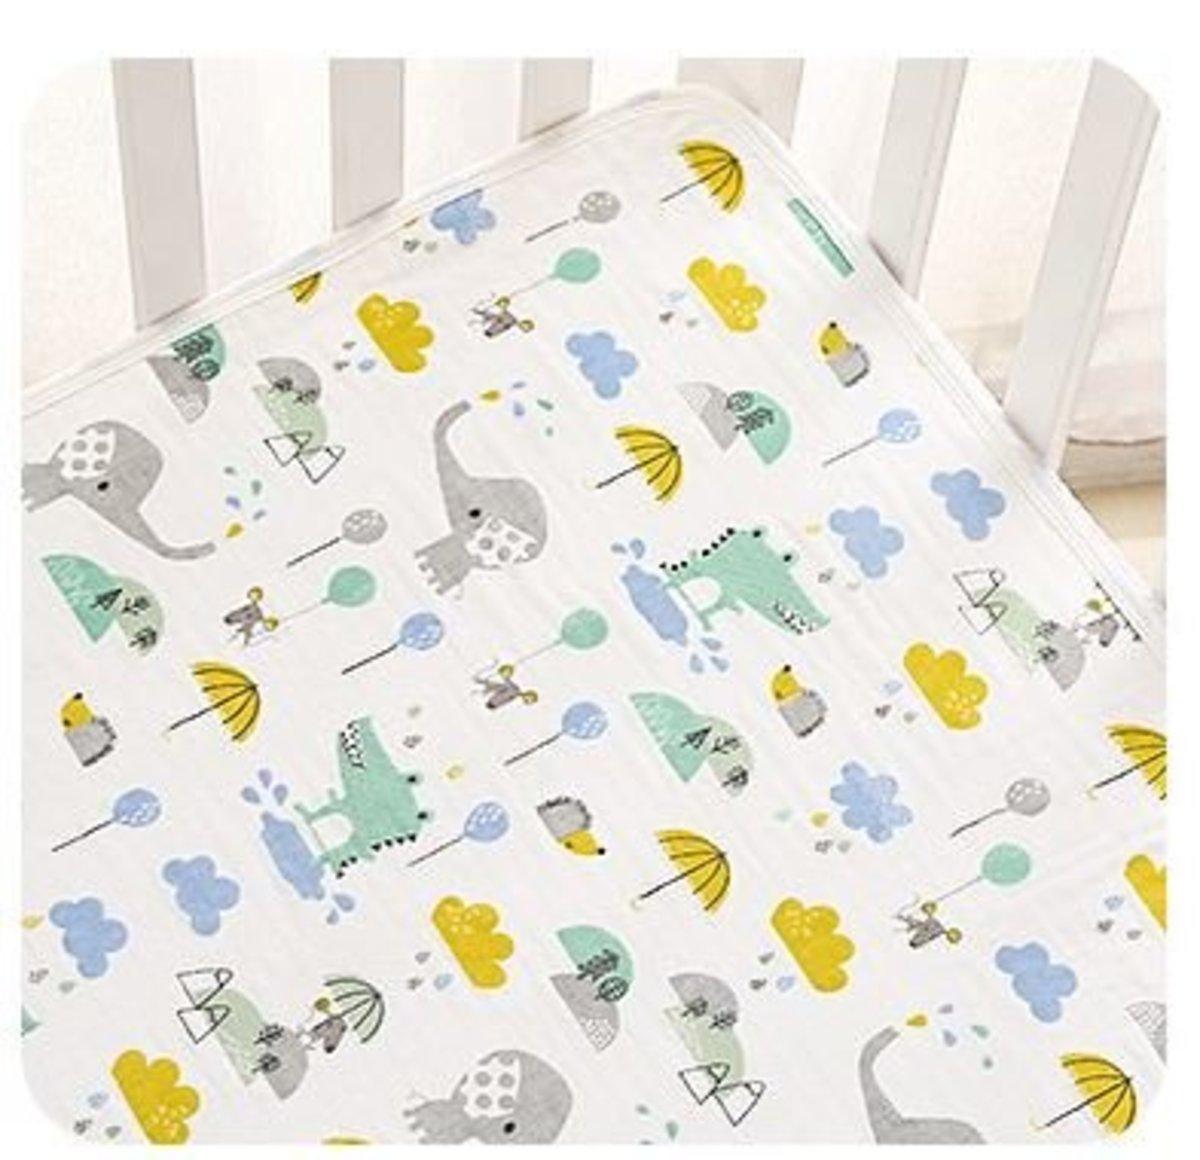 防水純棉透氣嬰兒隔尿床墊 規格: 70*90cm (大象鱷魚)